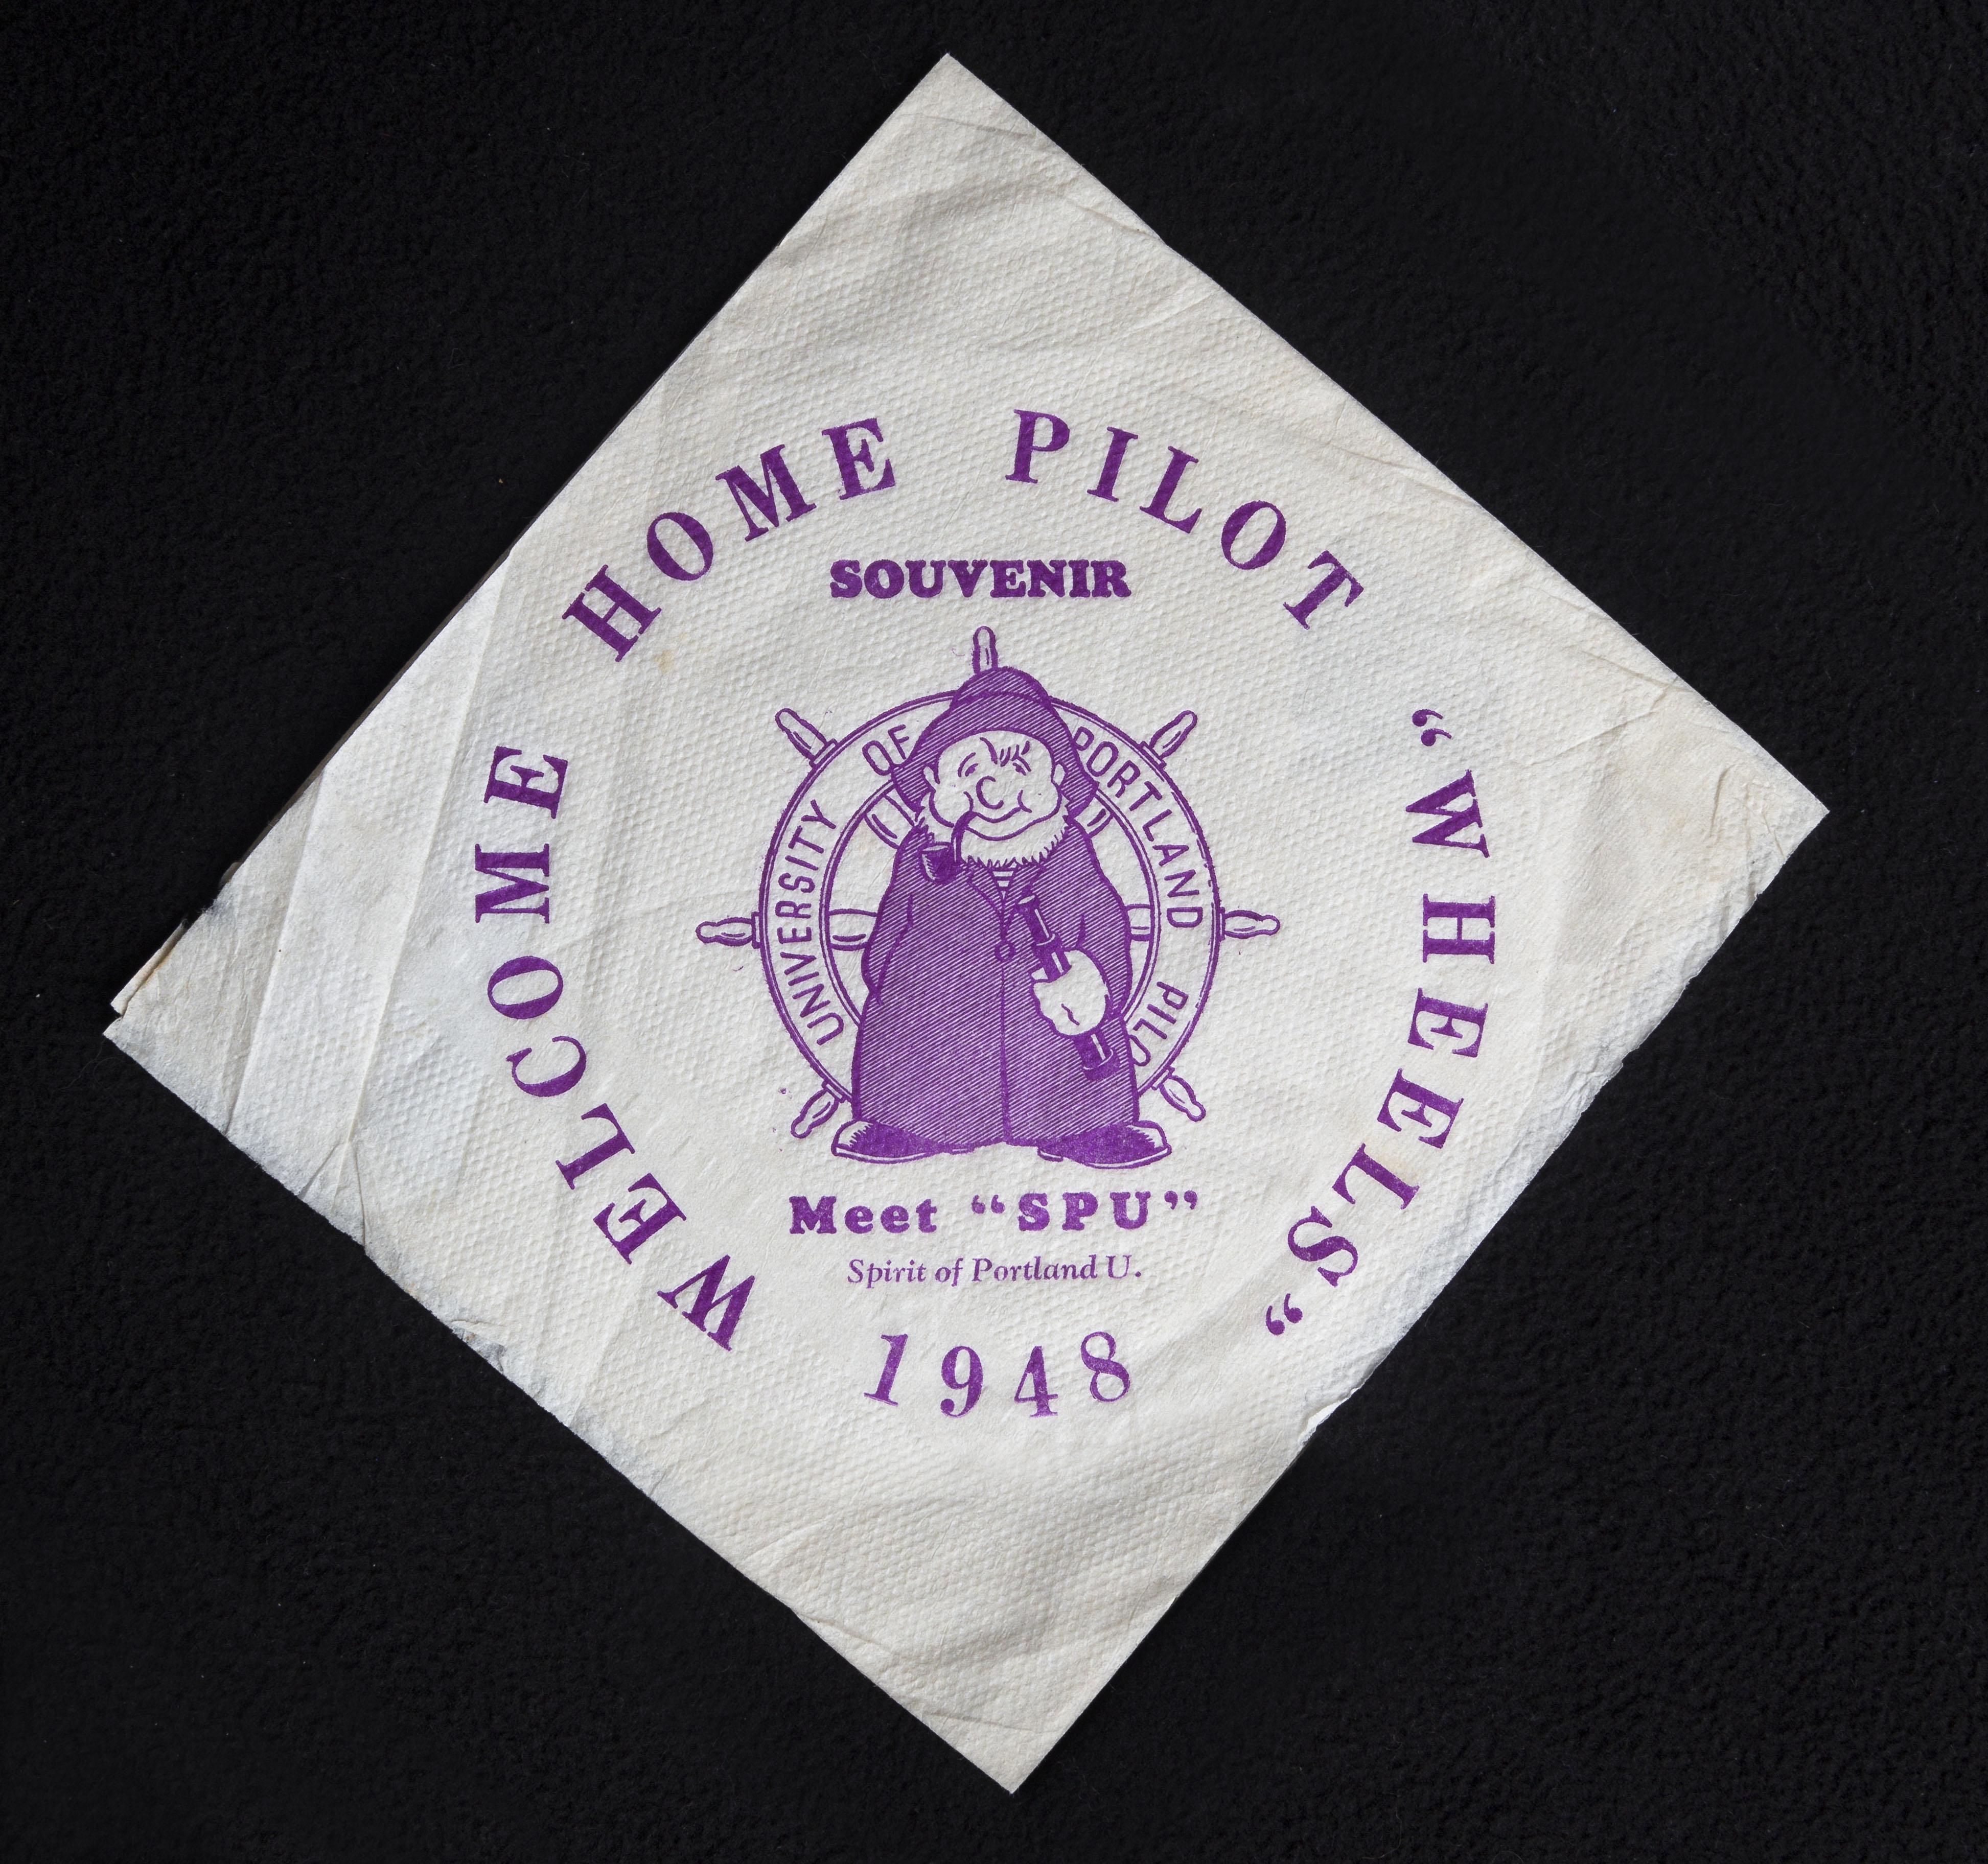 Spirit of Portland U napkin, 1948